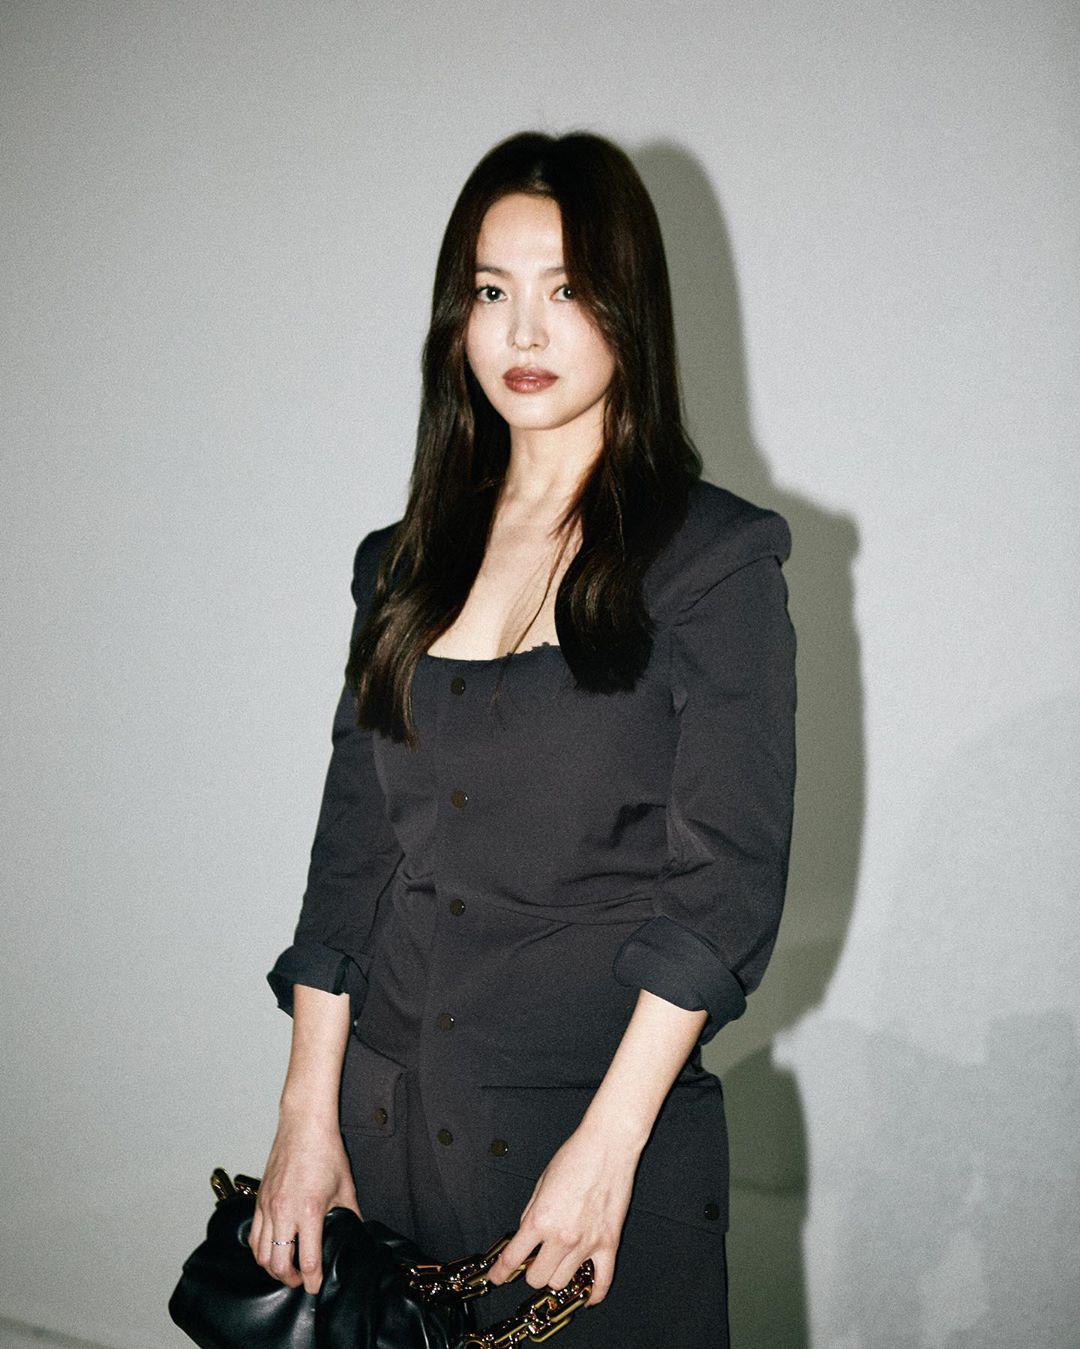 """Trong khi Song Joong Ki ngày càng """"bụi phủi"""" thì ra đây mà xem """"chị đại"""" Song Hye Kyo gây náo loạn trời Tây với thần thái đỉnh cao này - Ảnh 6."""